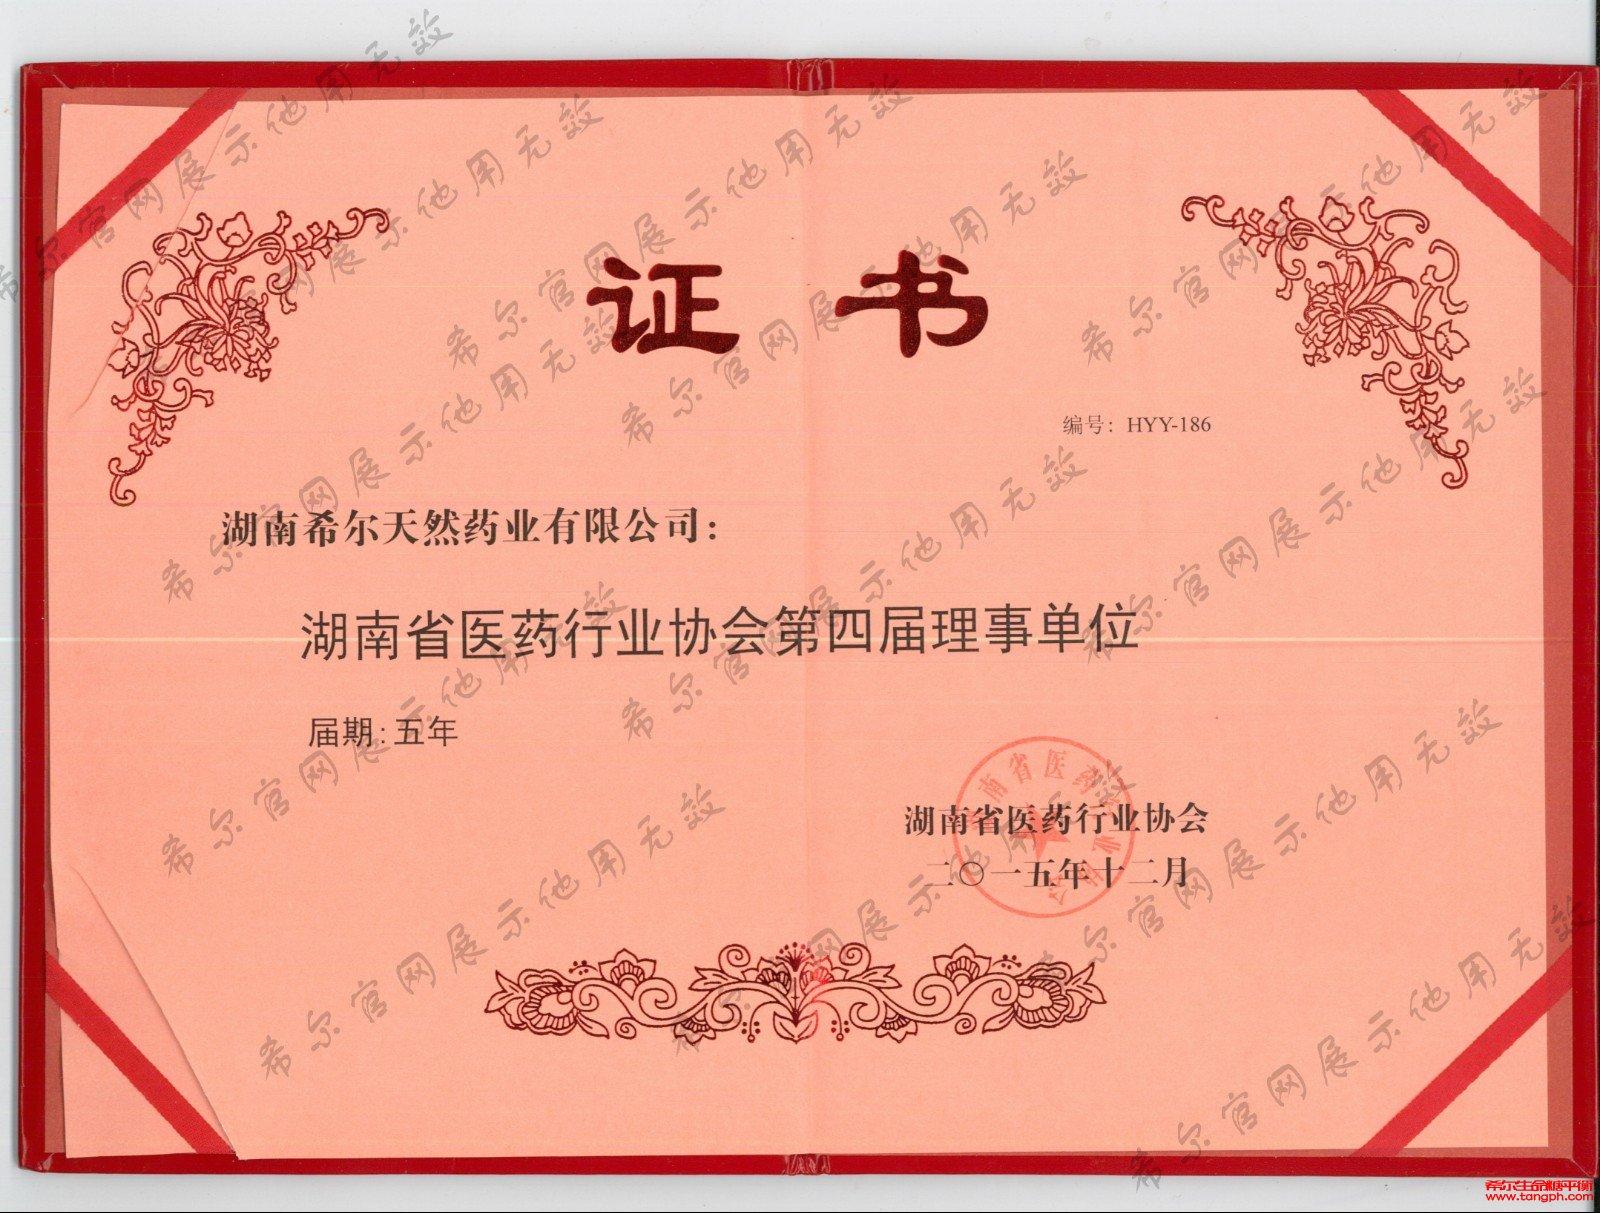 湖南省医药行业协会第四届理事单位证书